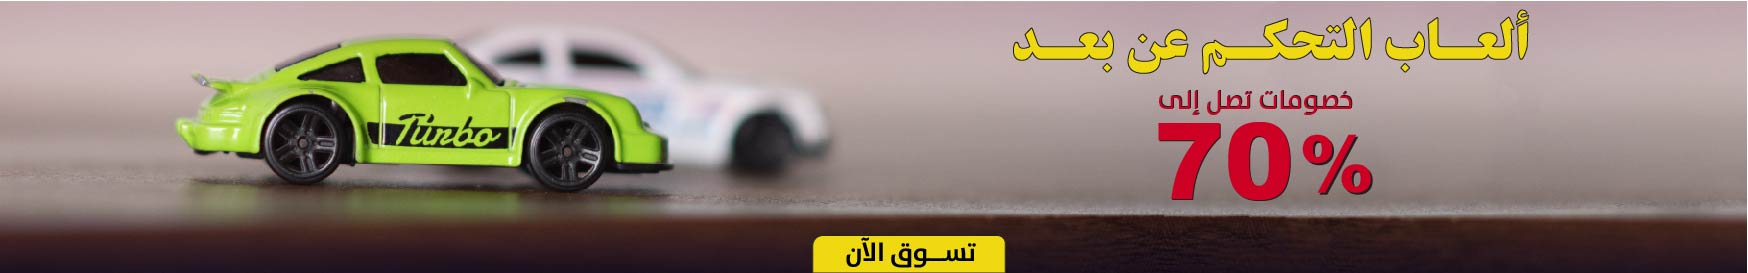 Ramadan wide sports web